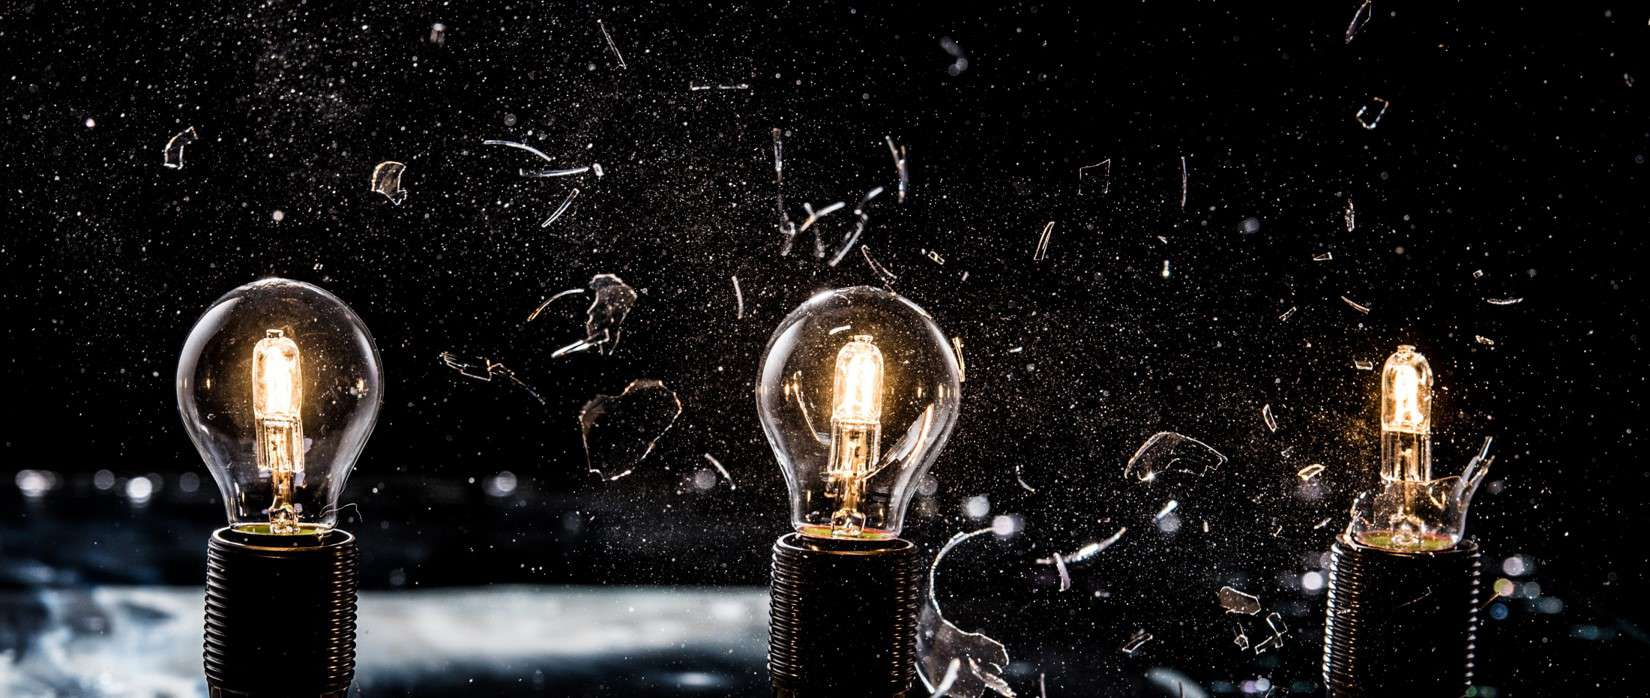 lightbulbs shattering